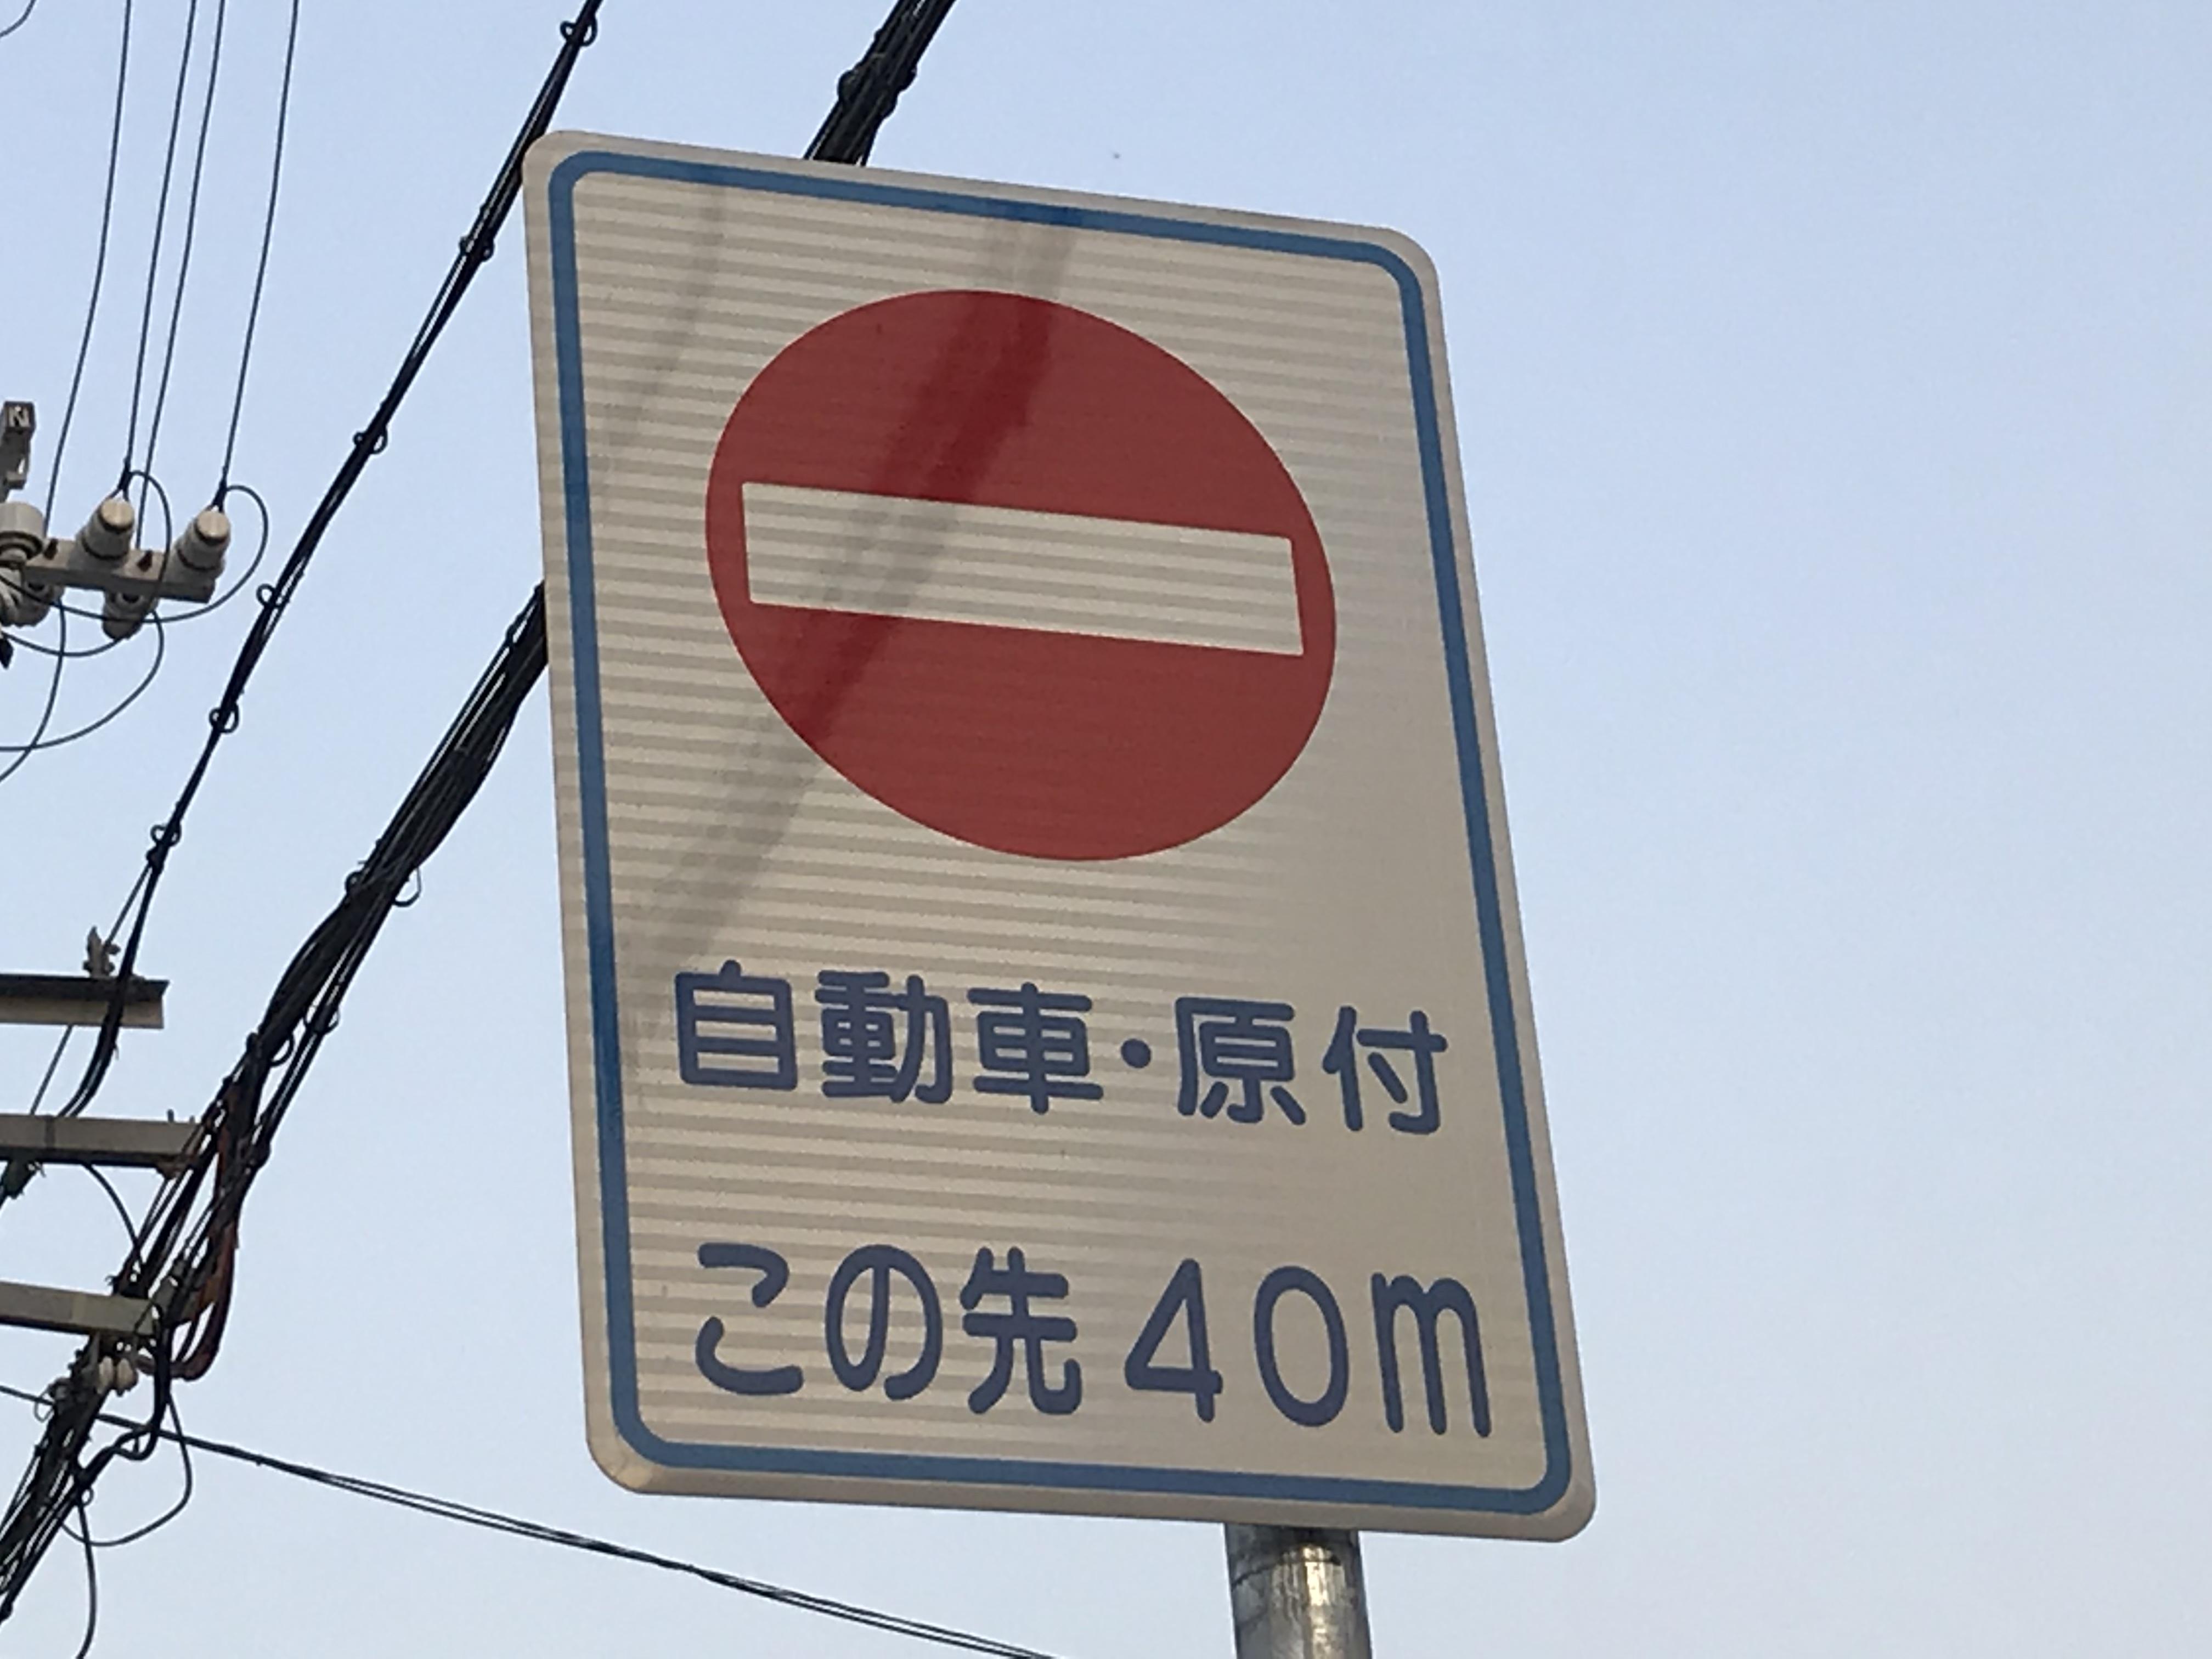 規制予告 車両進入禁止